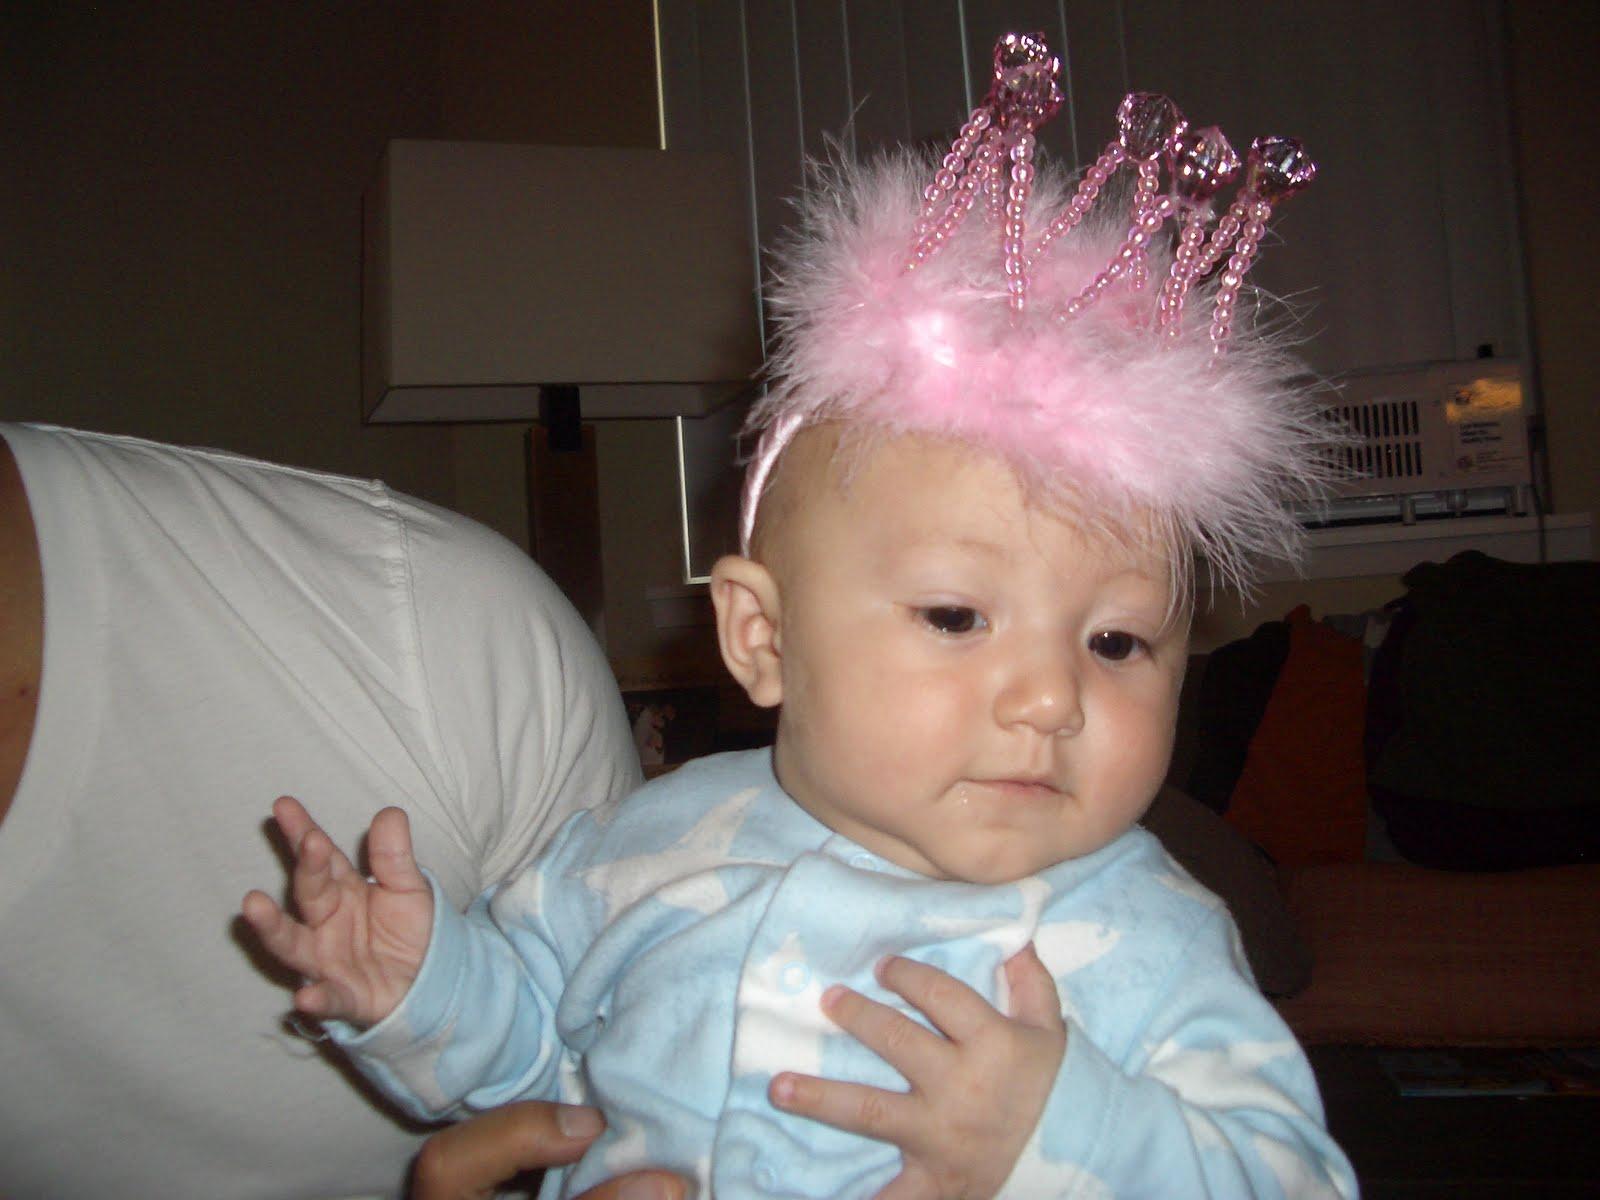 Unspiked Mohawk Looking so fancy in a crown